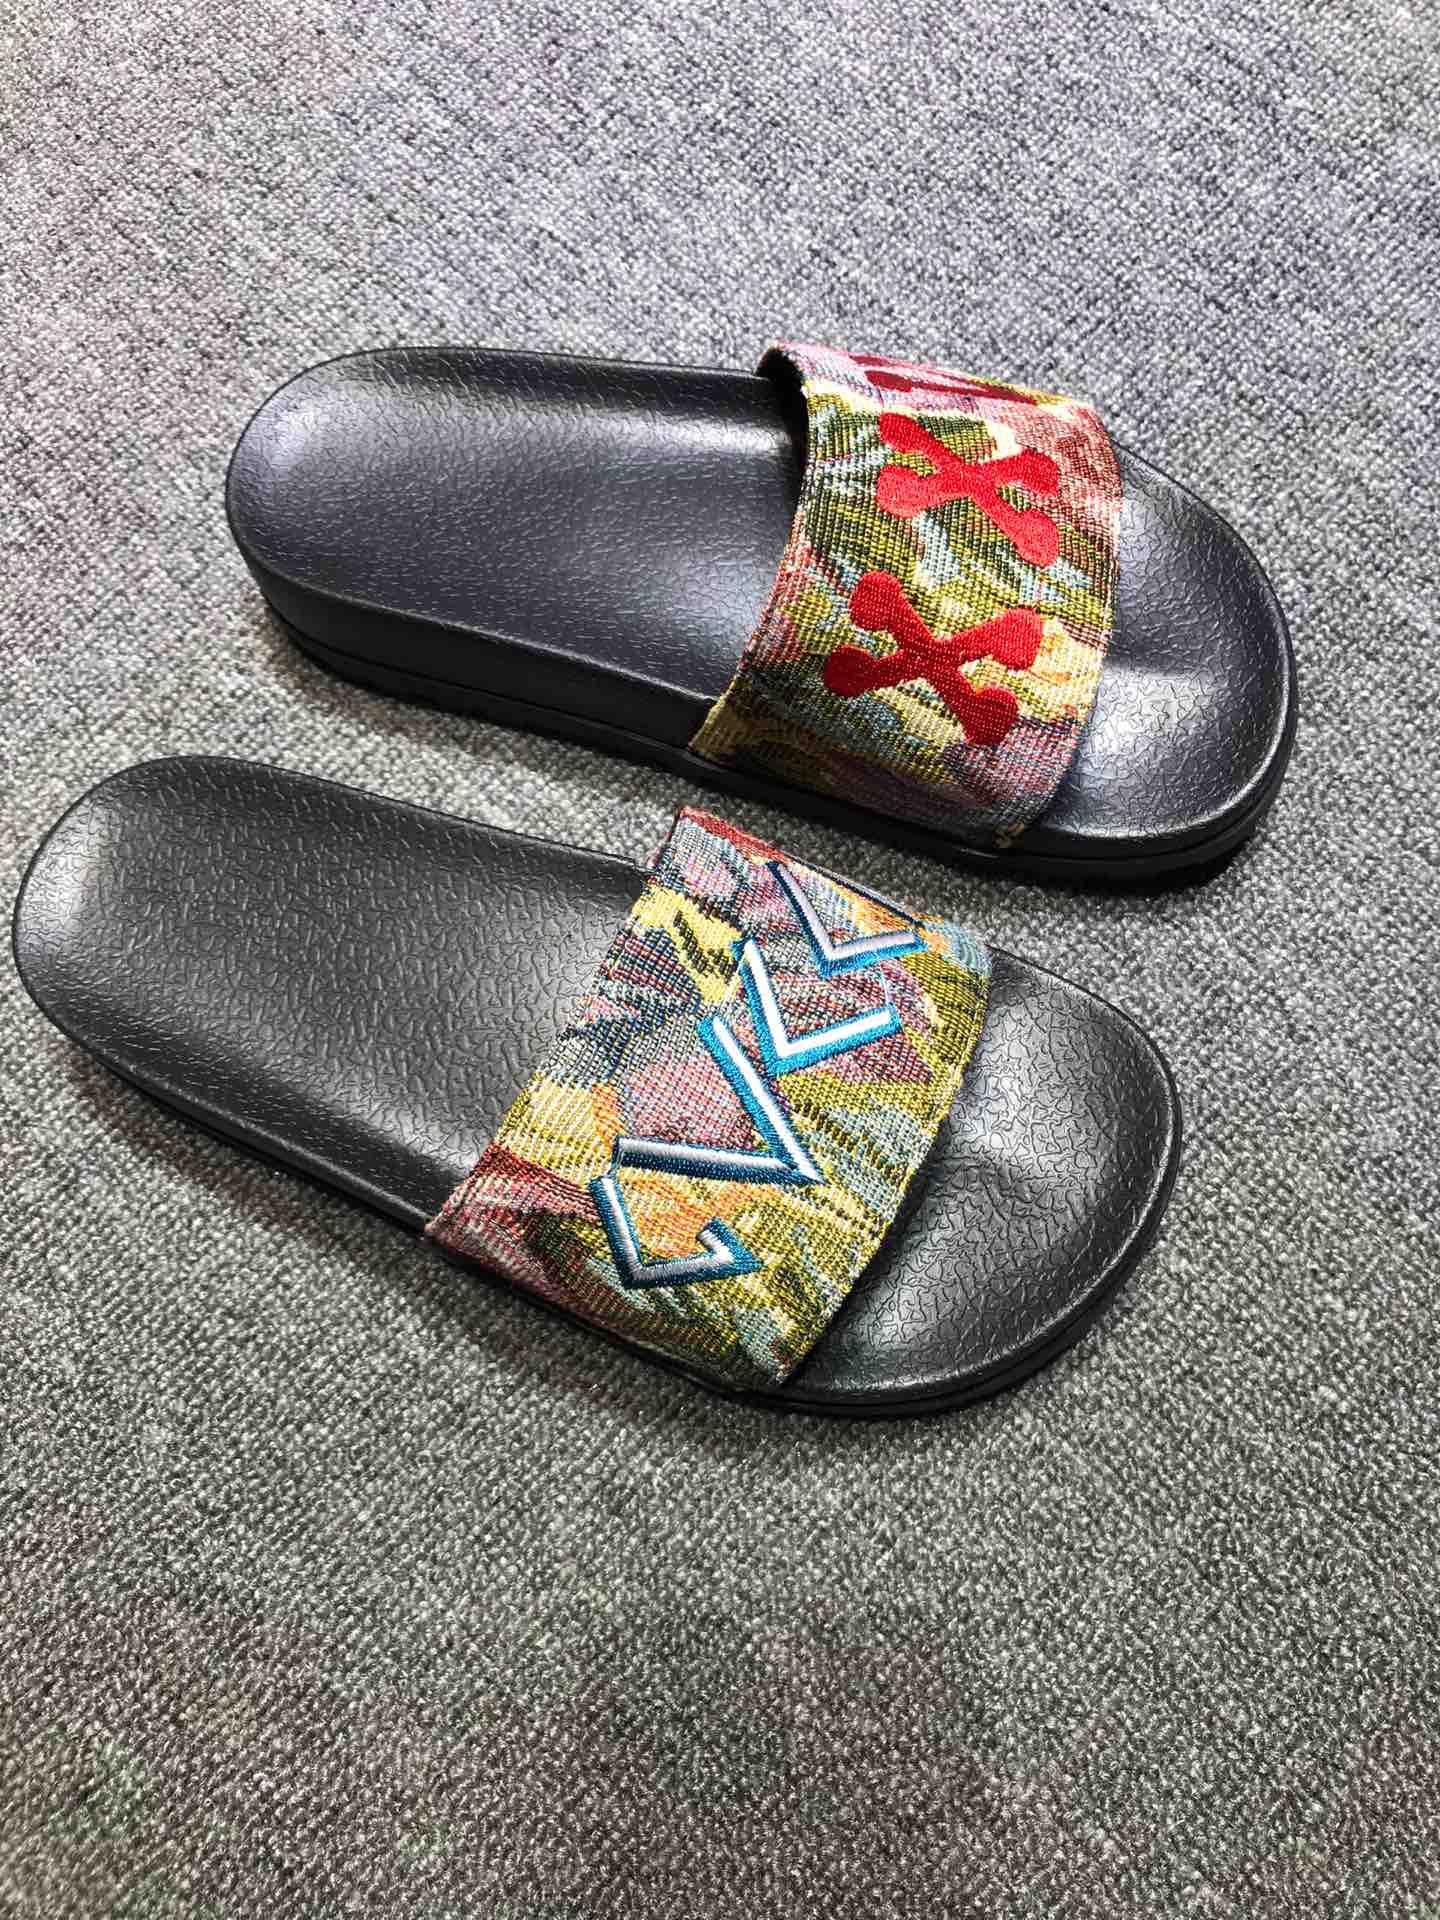 Mens Designer Flop Sandales flip Top qualité de luxe de chaussons Designer Tongs hommes Slides TAILLE: 35-46 HX027